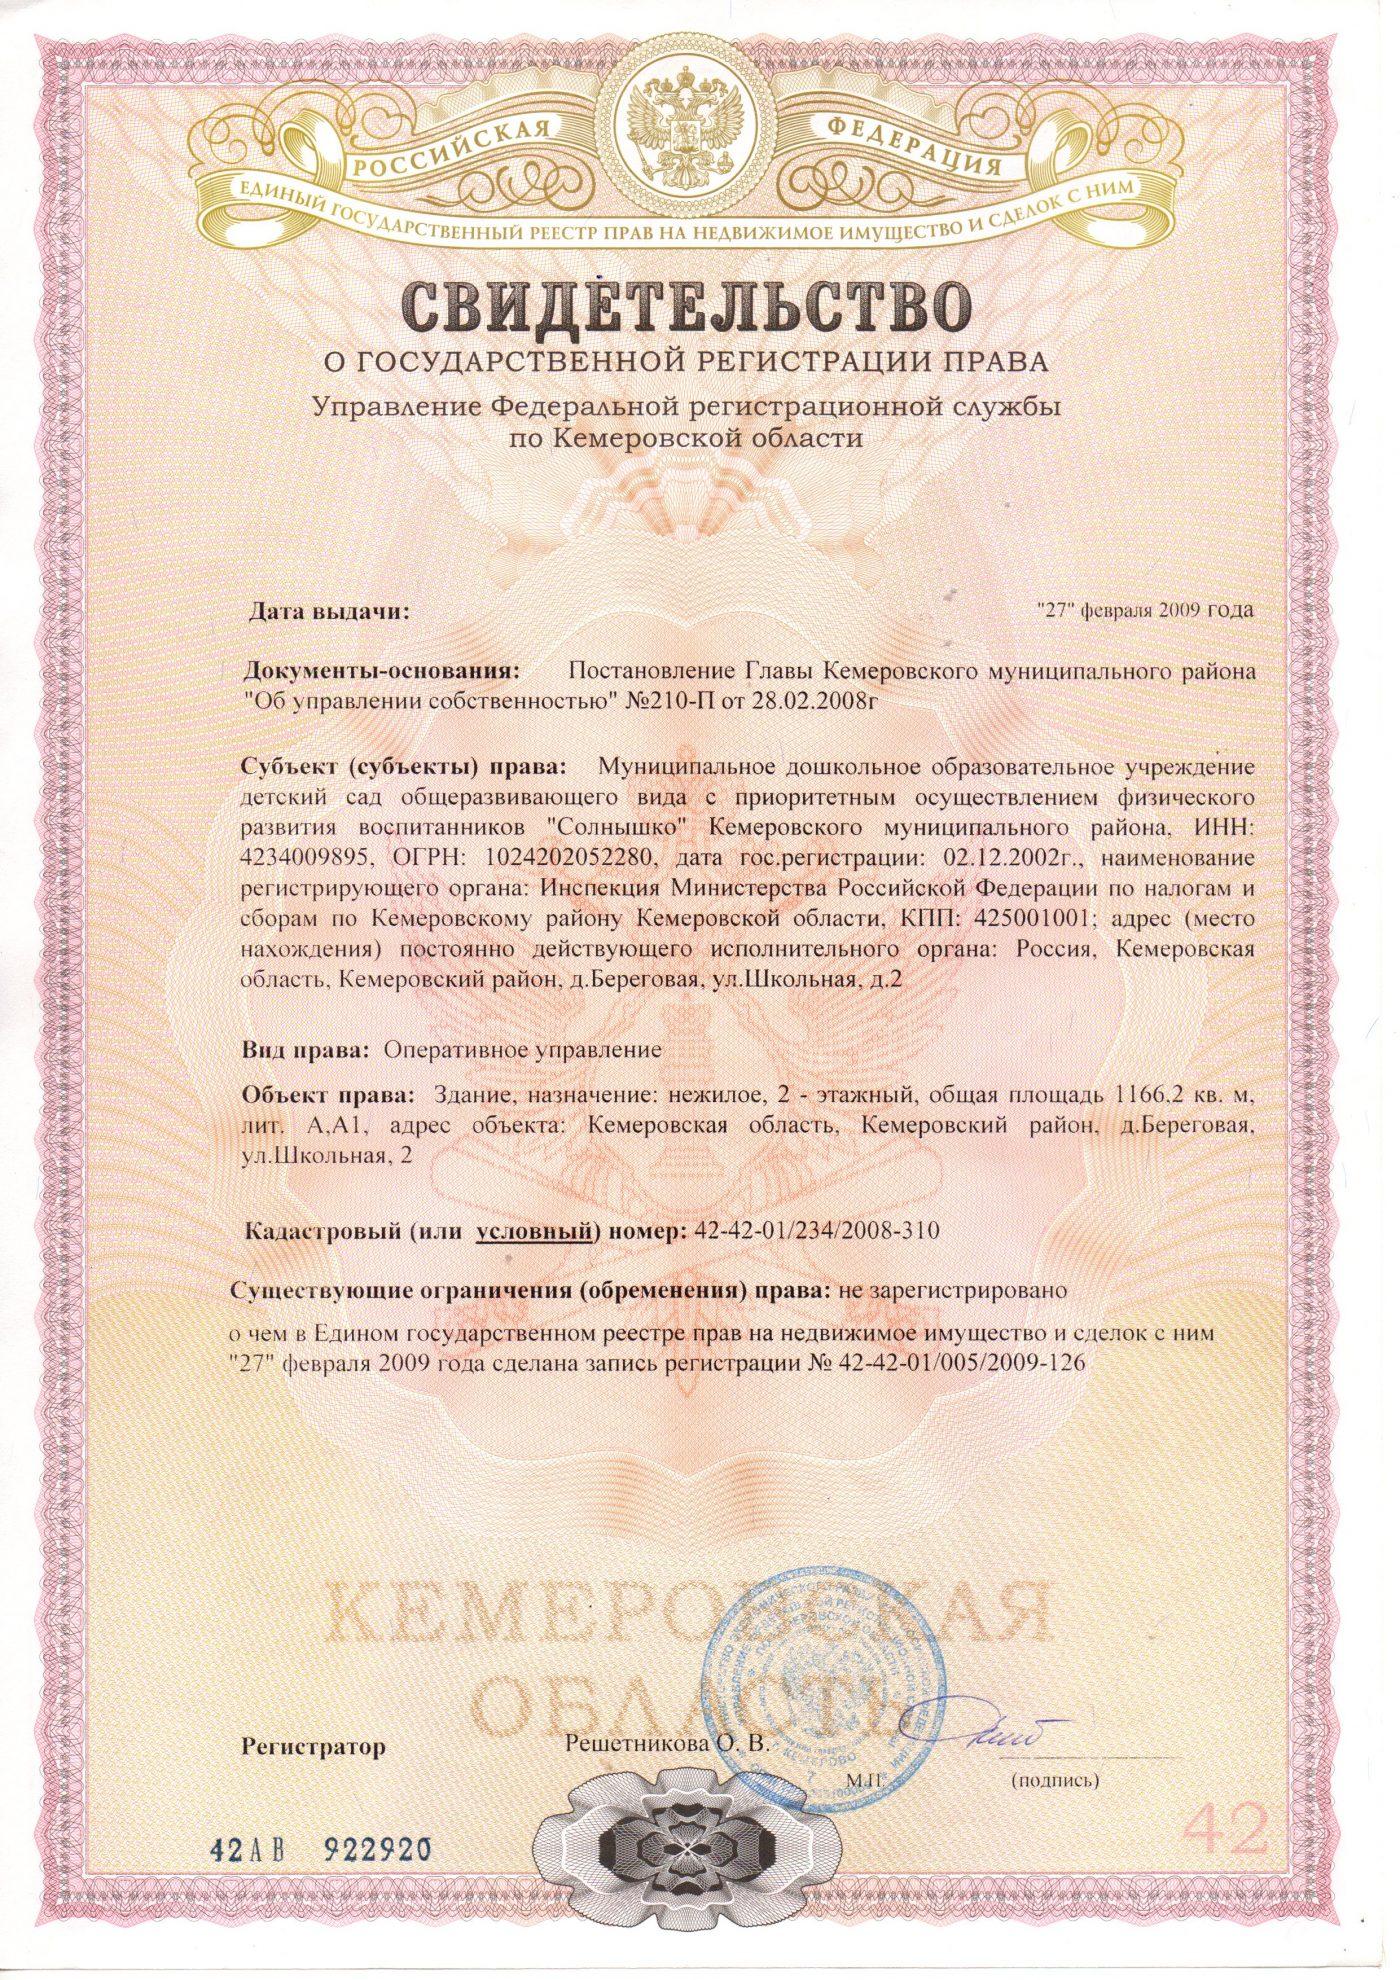 тюрьмой органы регистрации прав на недвижимое имущество волгограда пол